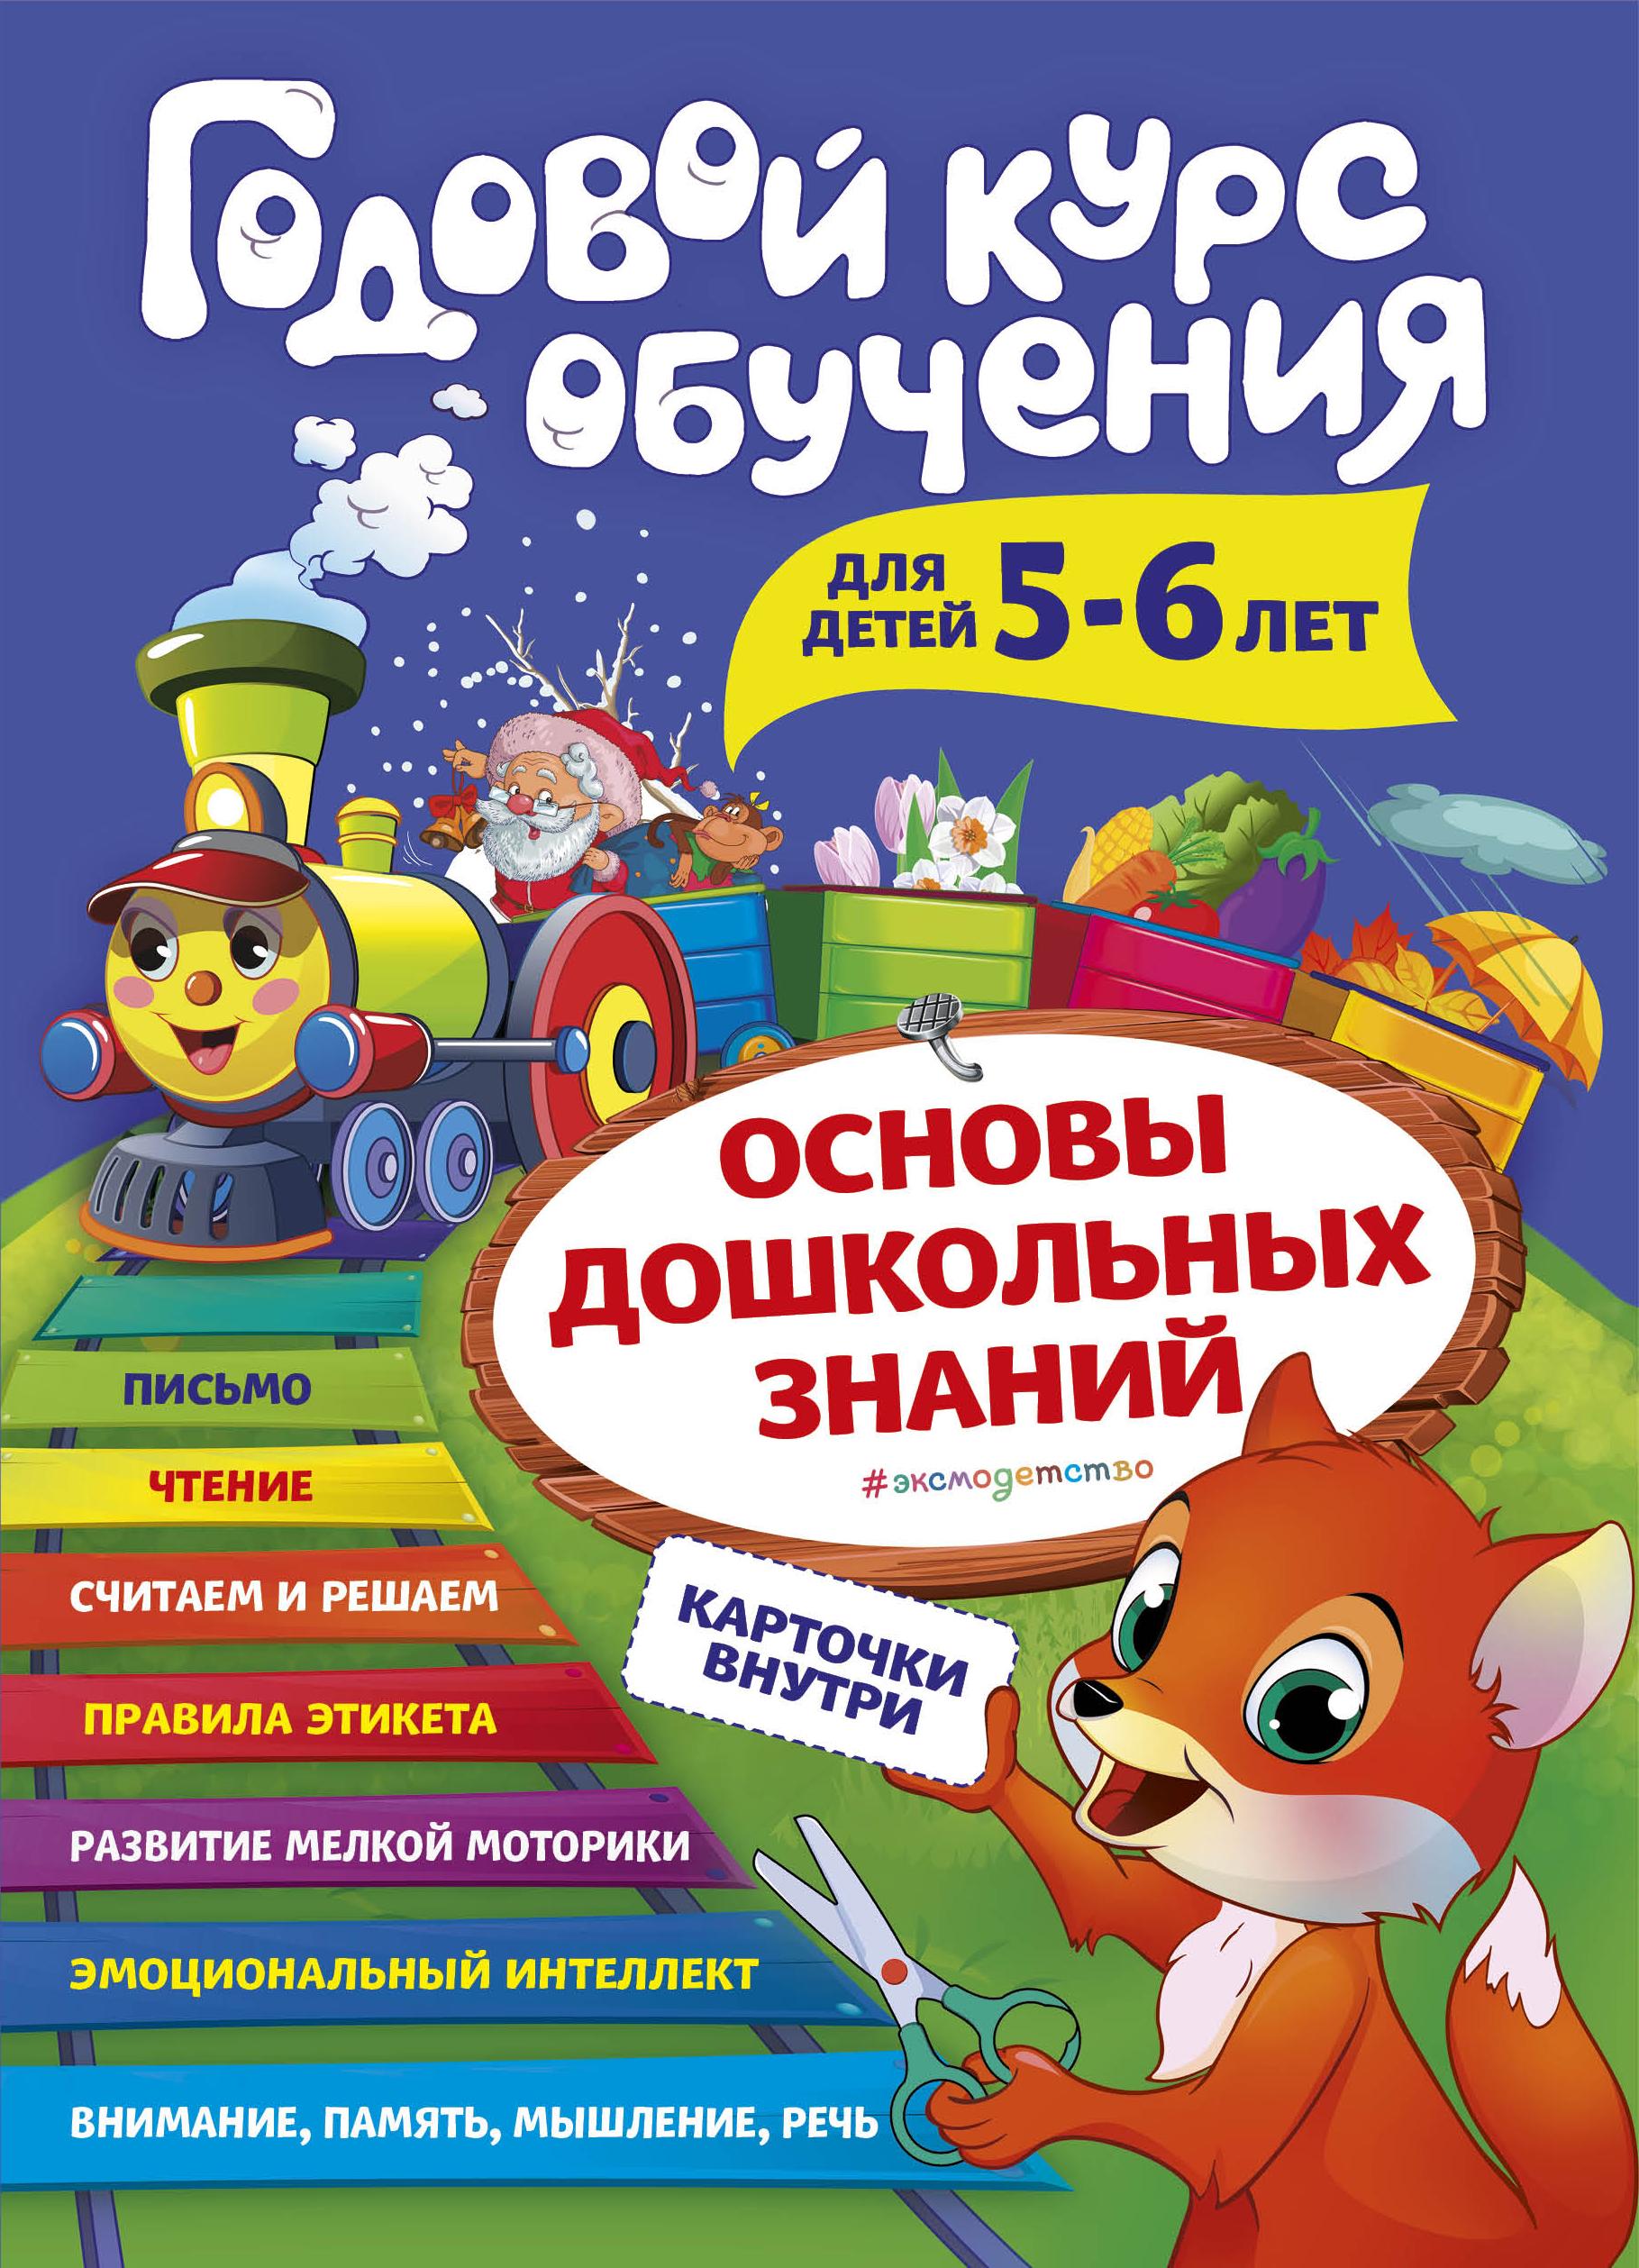 """Годовой курс обучения: для детей 5-6 лет (карточки """"Читаем по слогам"""")"""